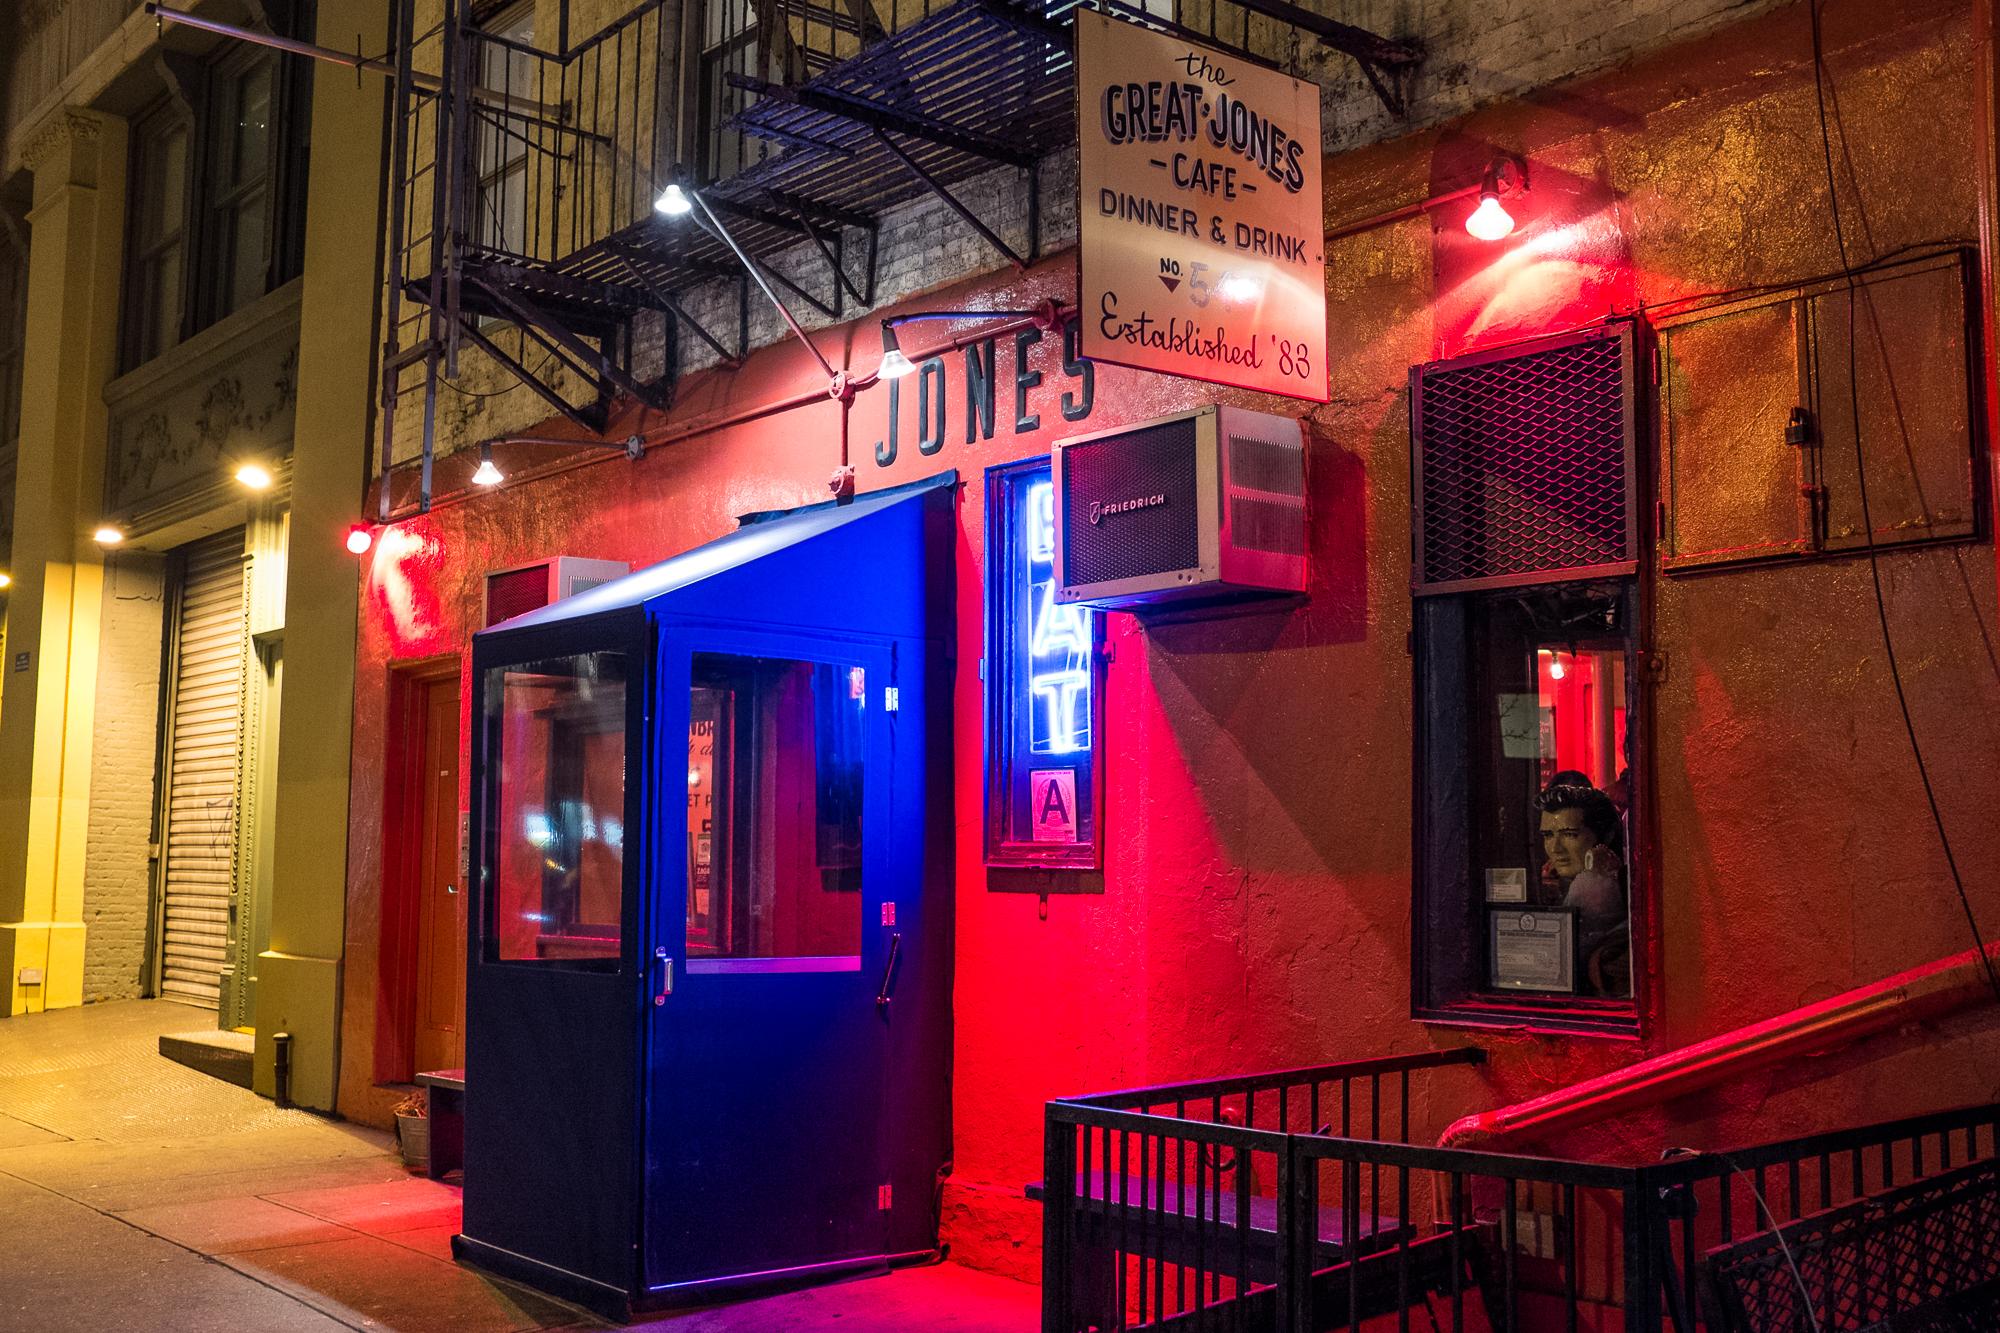 Great Jones Café